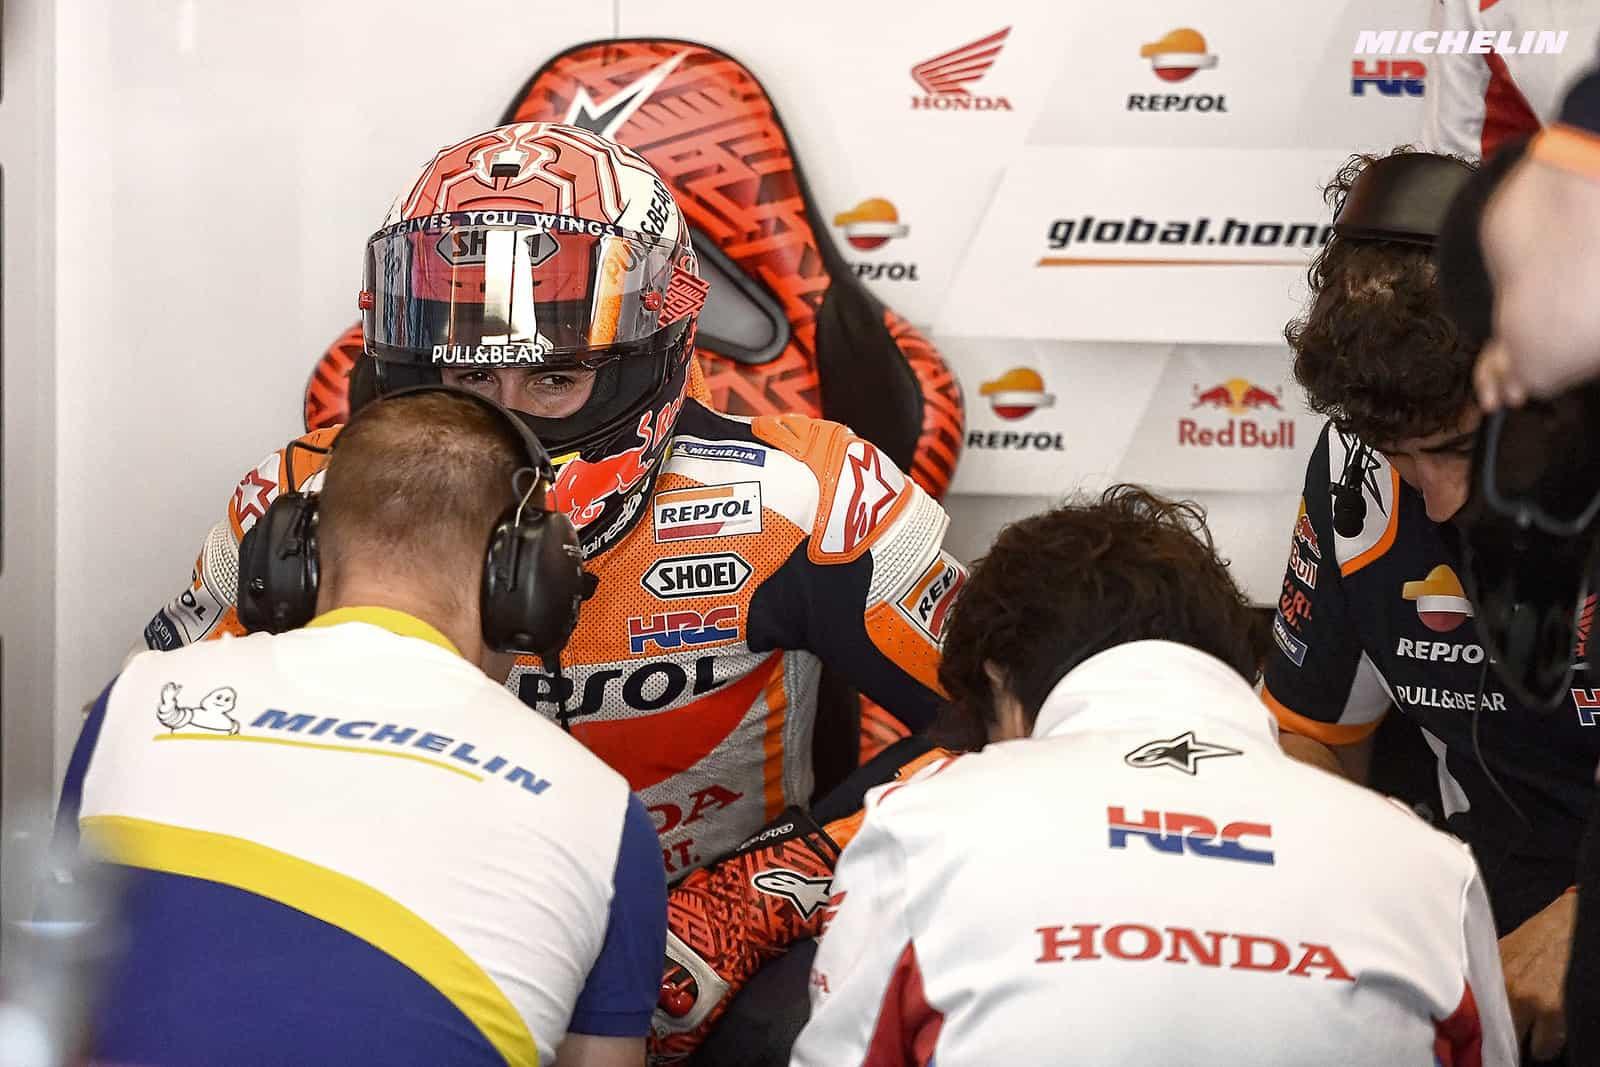 MotoGP2019イタリアGP 自らの策に溺れ、マルケスにポールポジションを渡したDucati